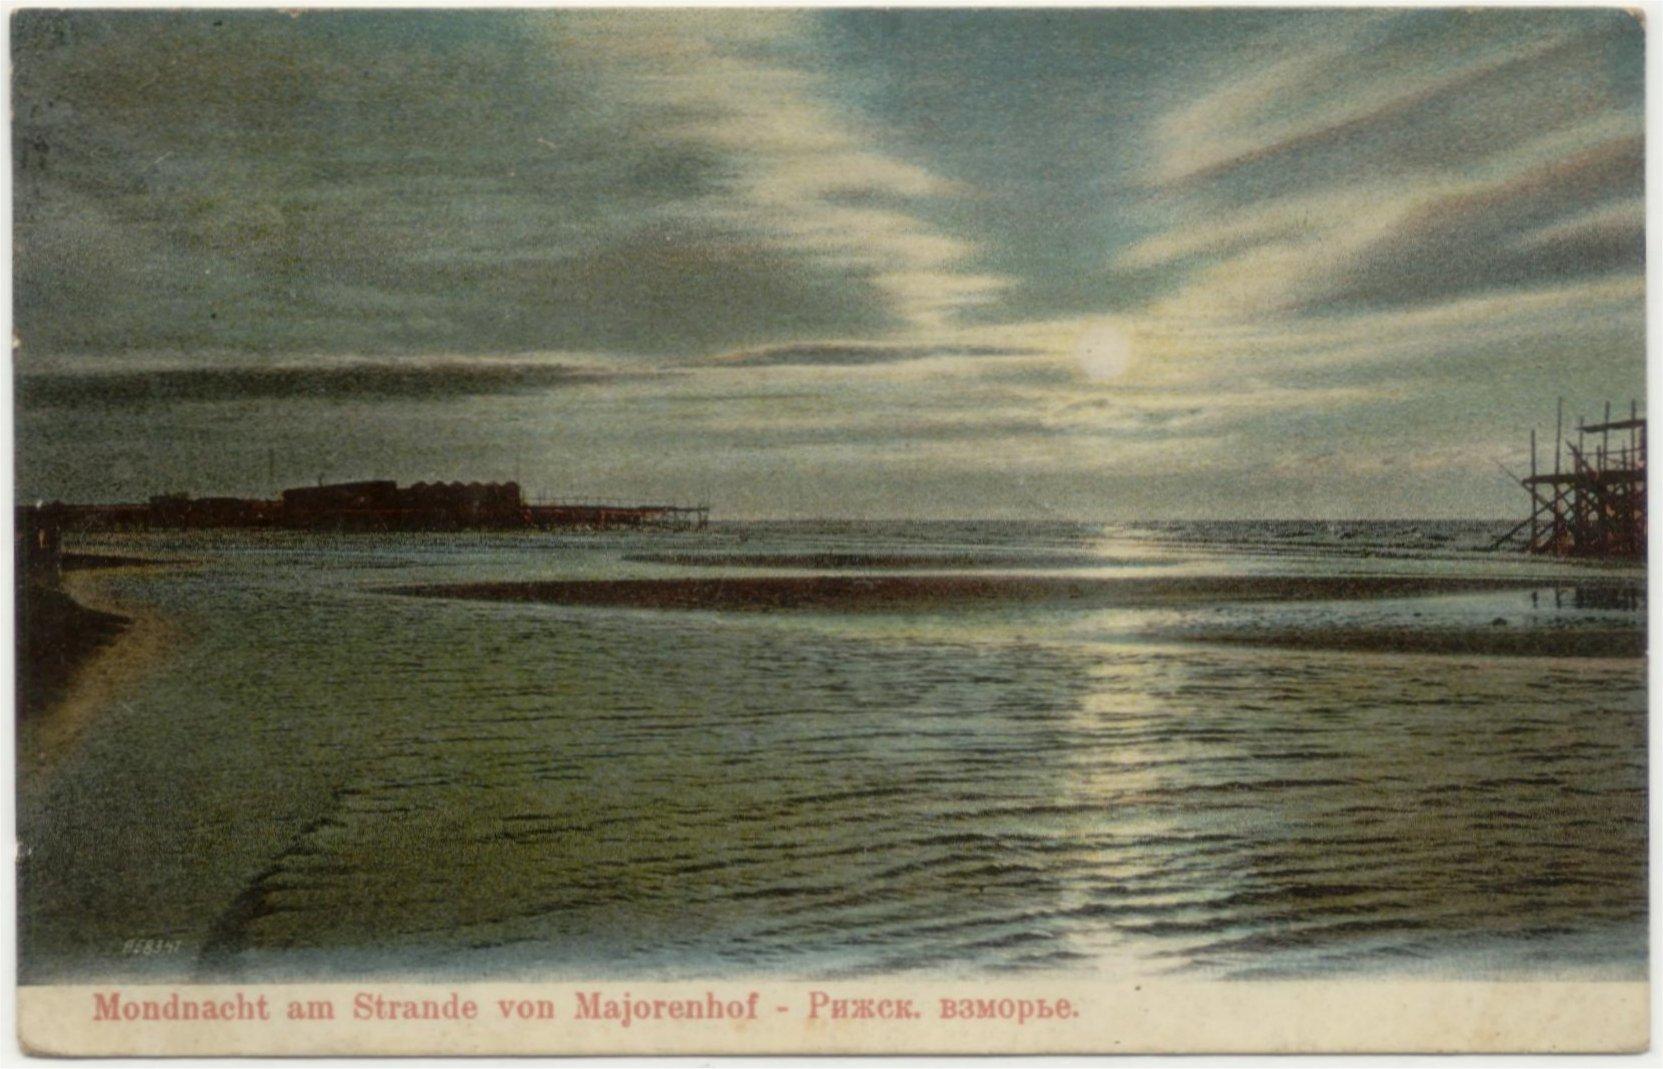 Ook in de tsarentijd werden er kaartjes gestuurd en was het maanlicht boven het strand een mooi onderwerp voor de afbeelding.